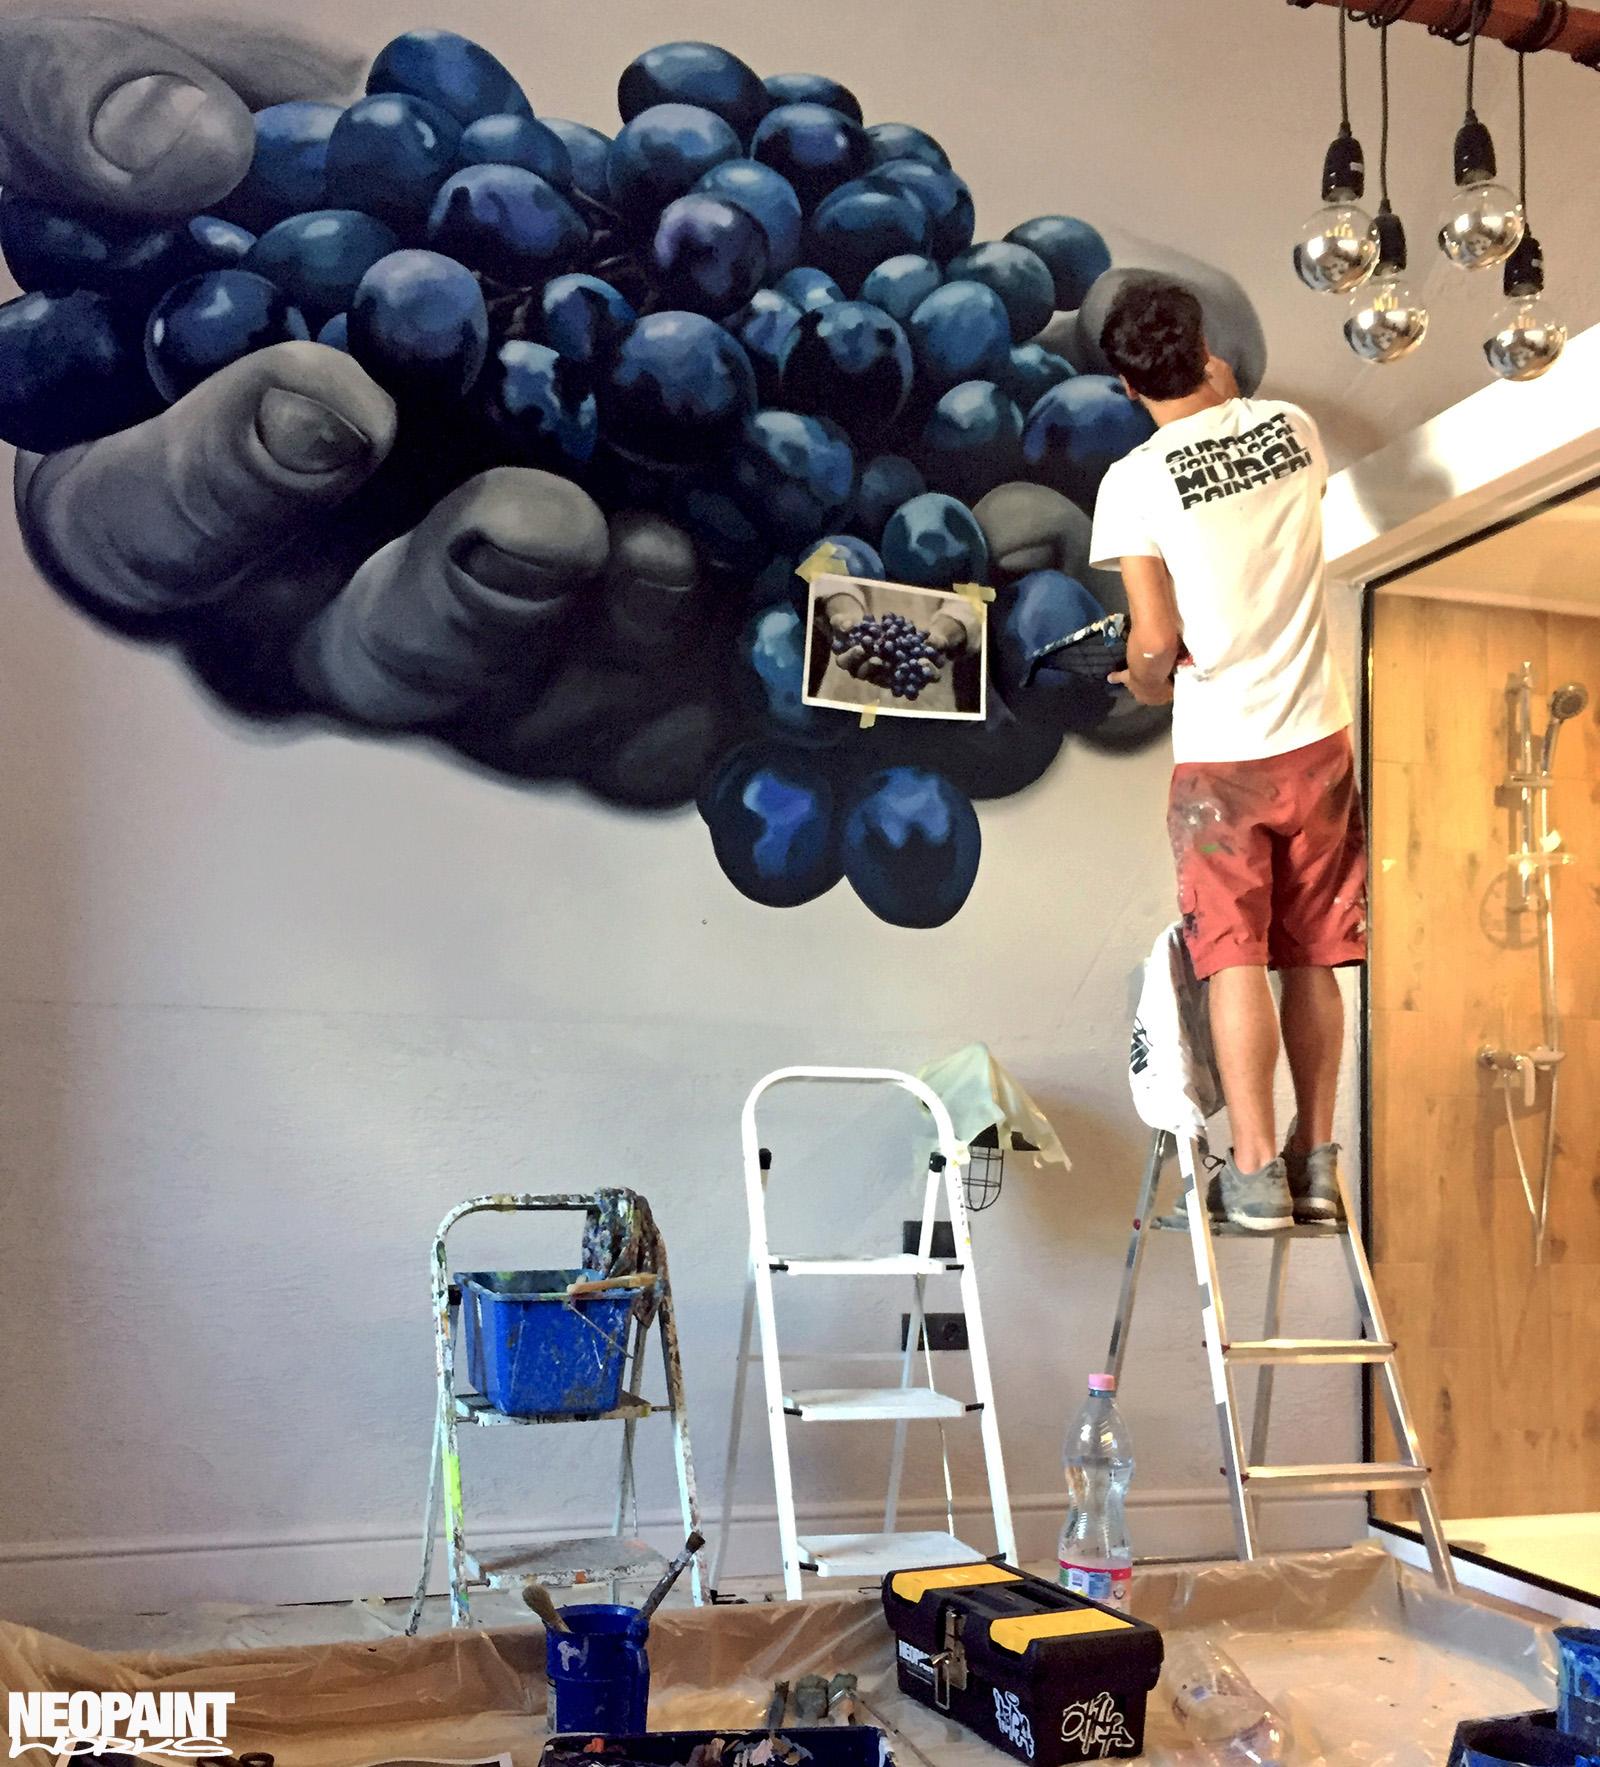 festett faldekoráció - dekorfestés - eger - szőlő - neopaint works (3)